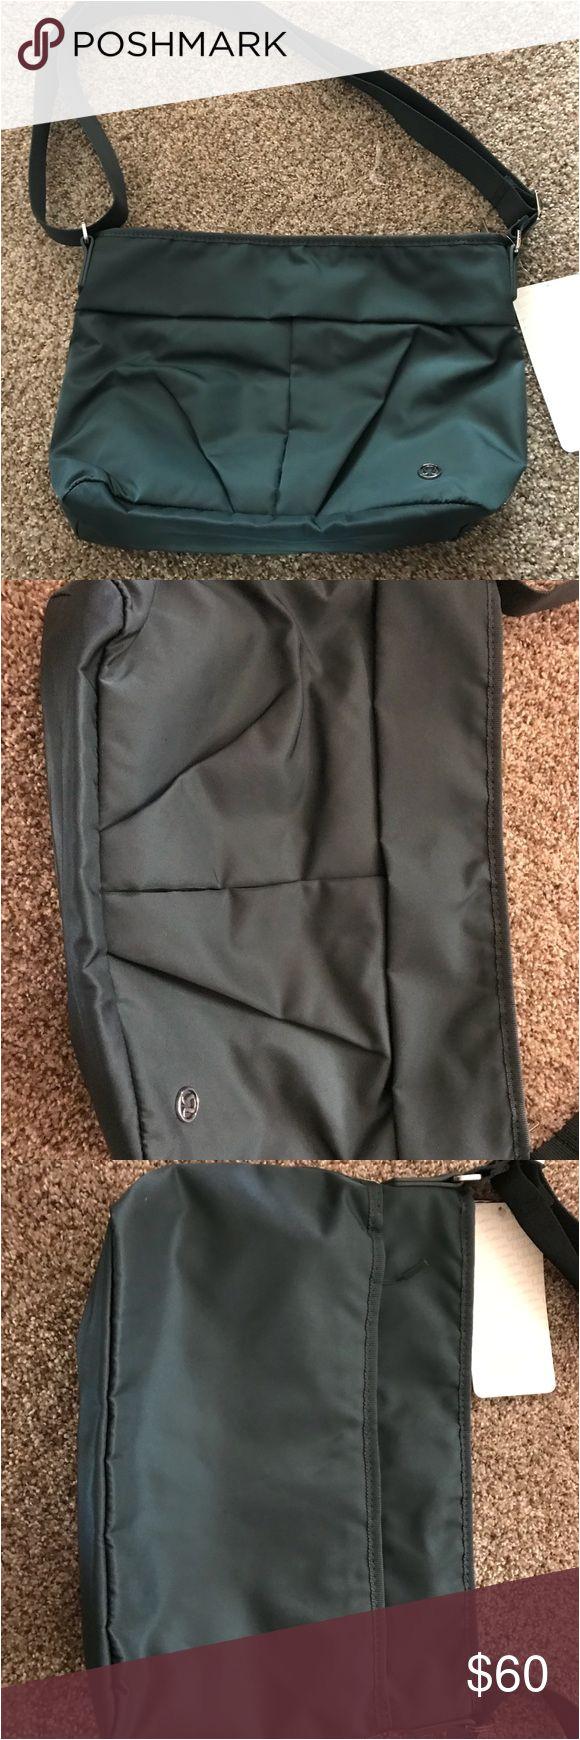 lululemon city adventure shoulder bag teal shadow brand new with tags teal shadow lululemon city adventure